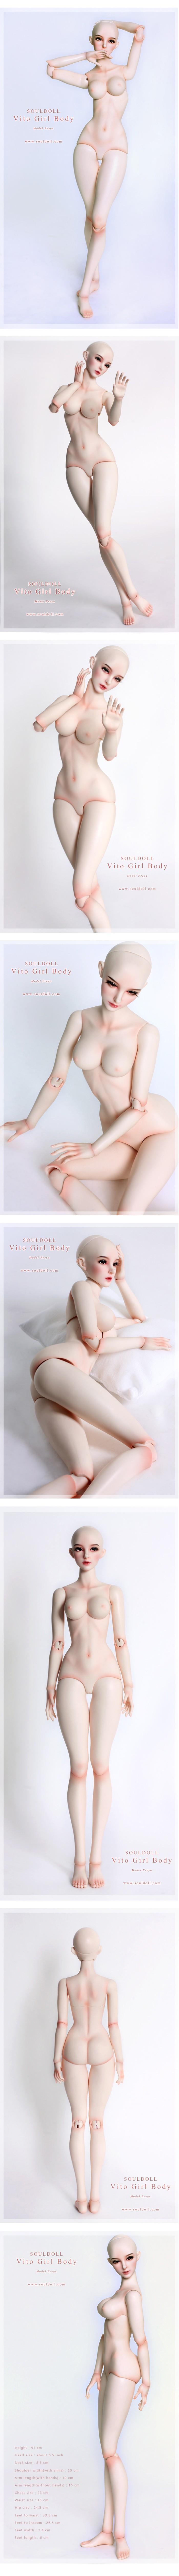 soul_body_vitog_02